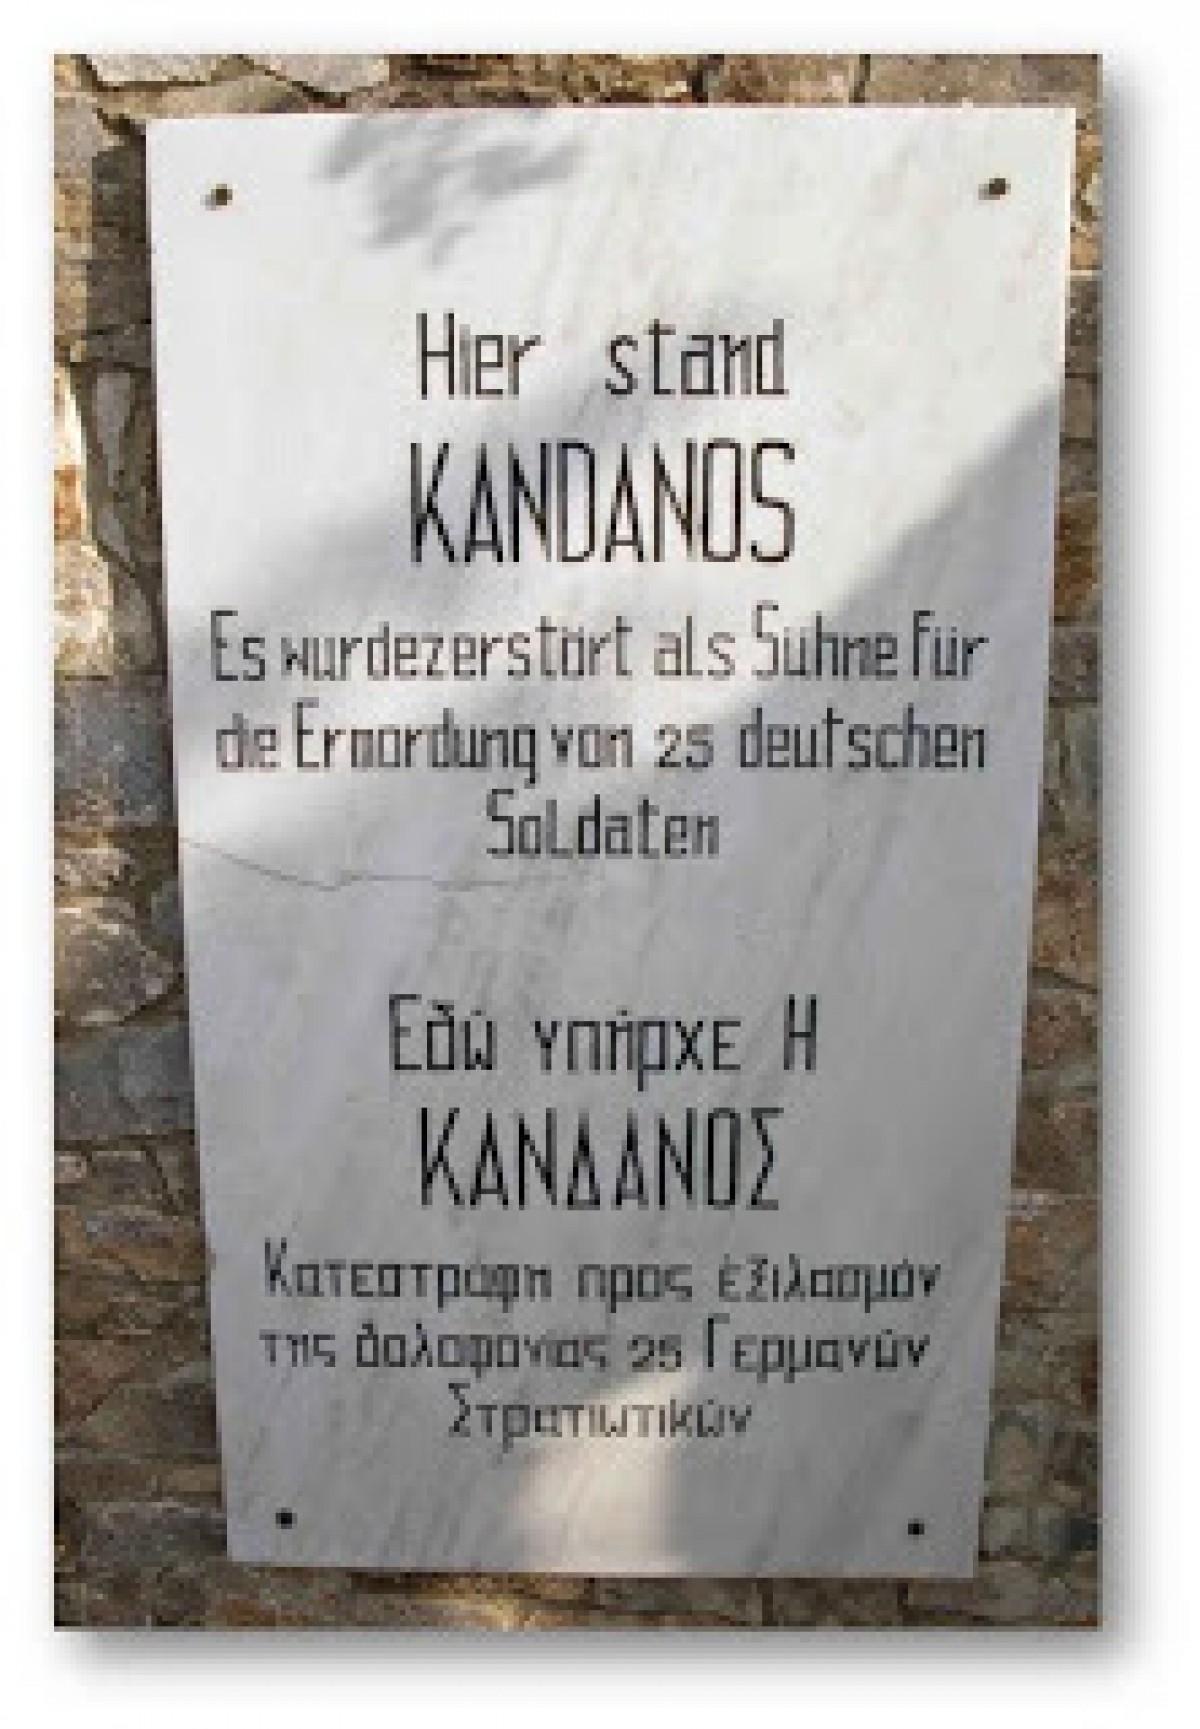 Εδώ υπήρχε η Κάνδανος. Κατεστράφη προς εξιλασμόν της δολοφονίας 25 Γερμανών στρατιωτικών.